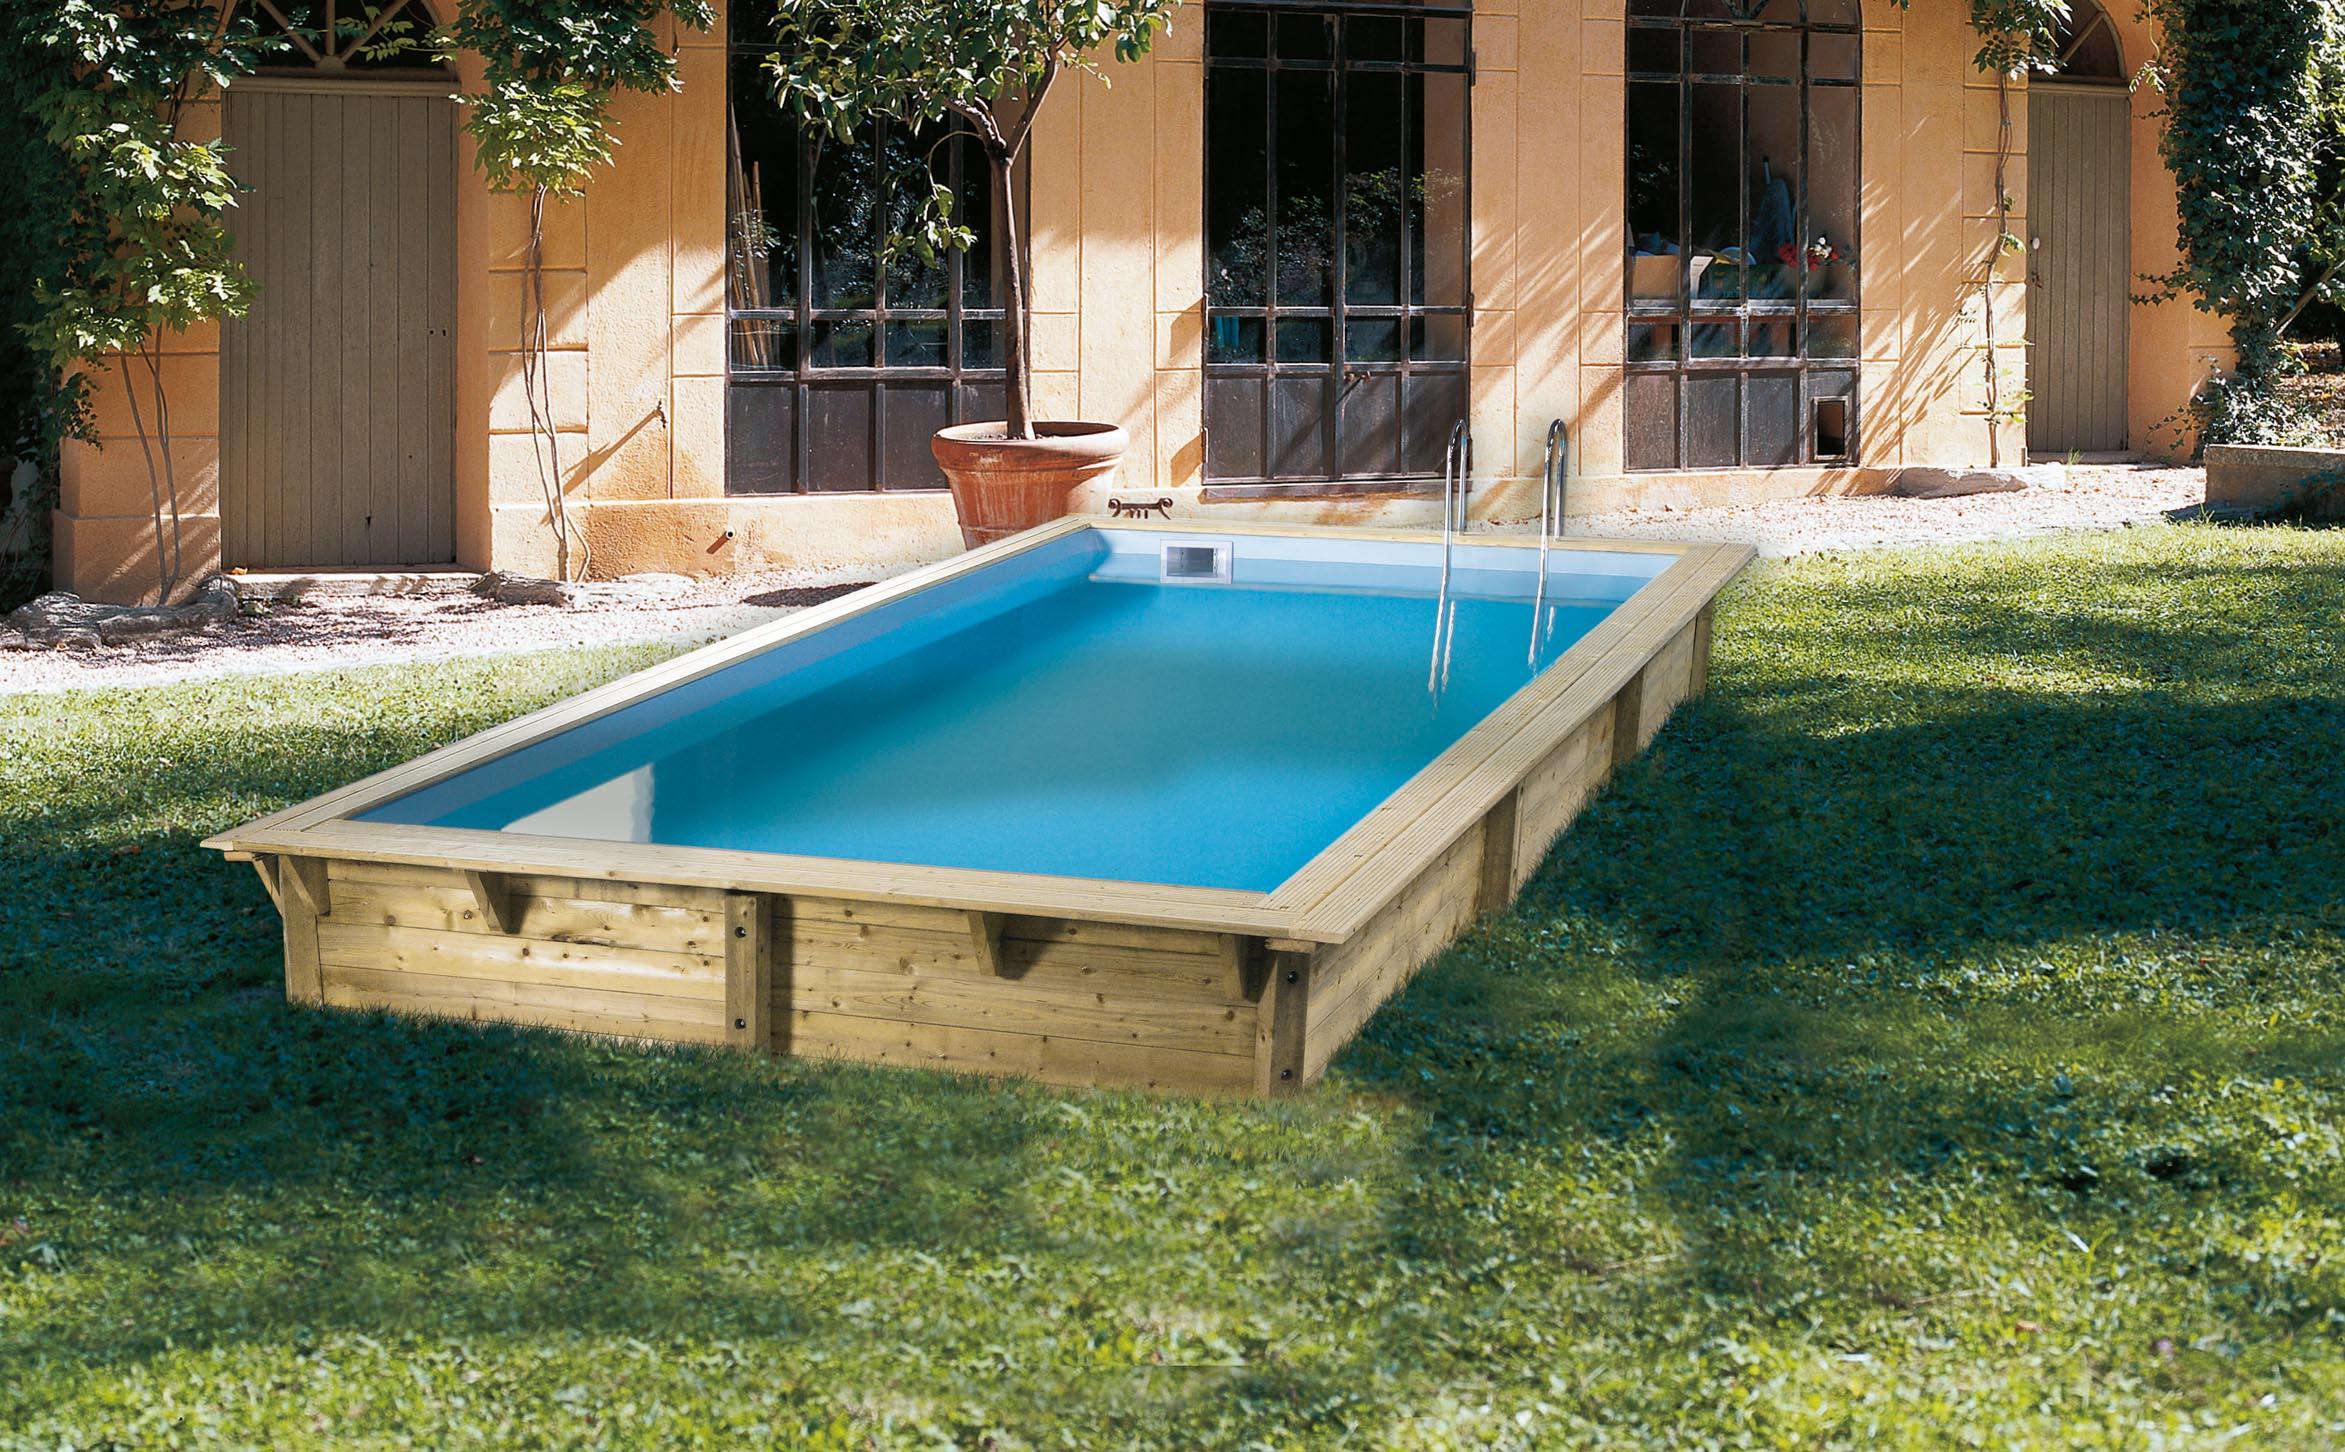 Piscina de madera 505cm x 350cm x 126cm piscinas athena for Piscinas online ofertas